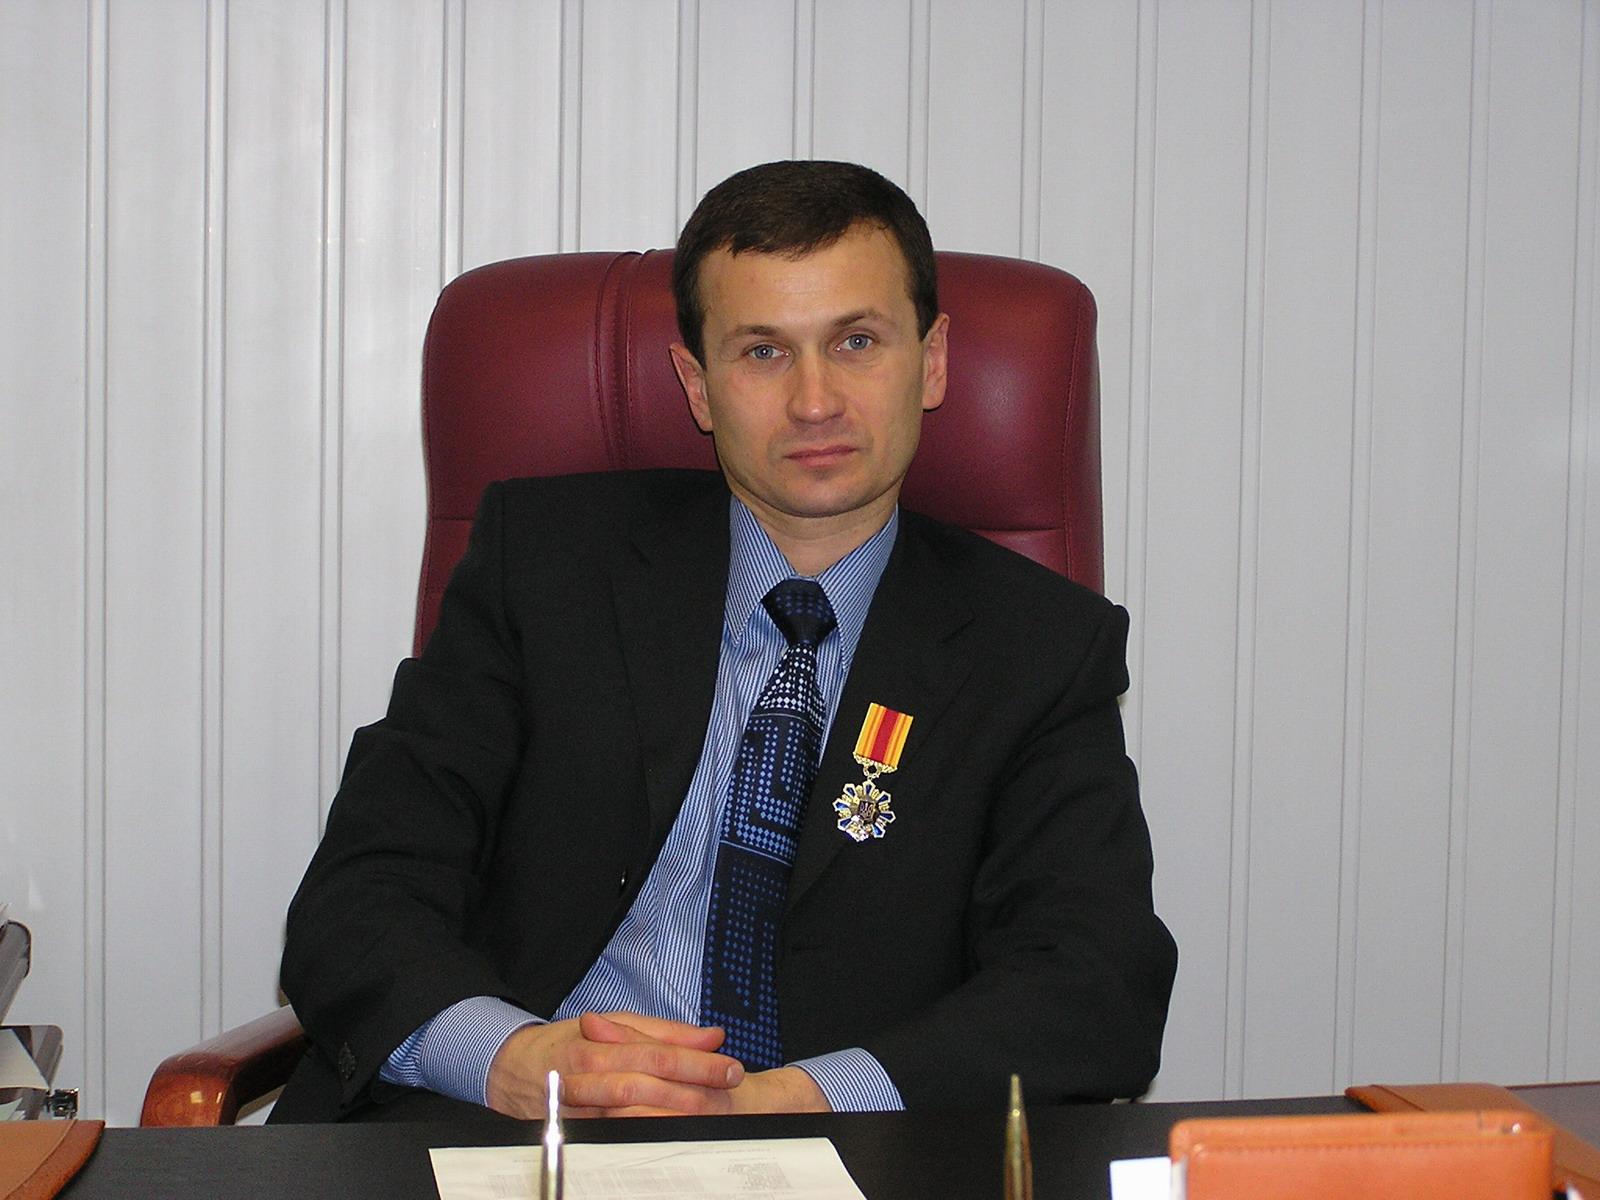 Скандальный руководитель запорожского департамента ЖКХ хочет оспорить в суде повышение тарифов  на газ